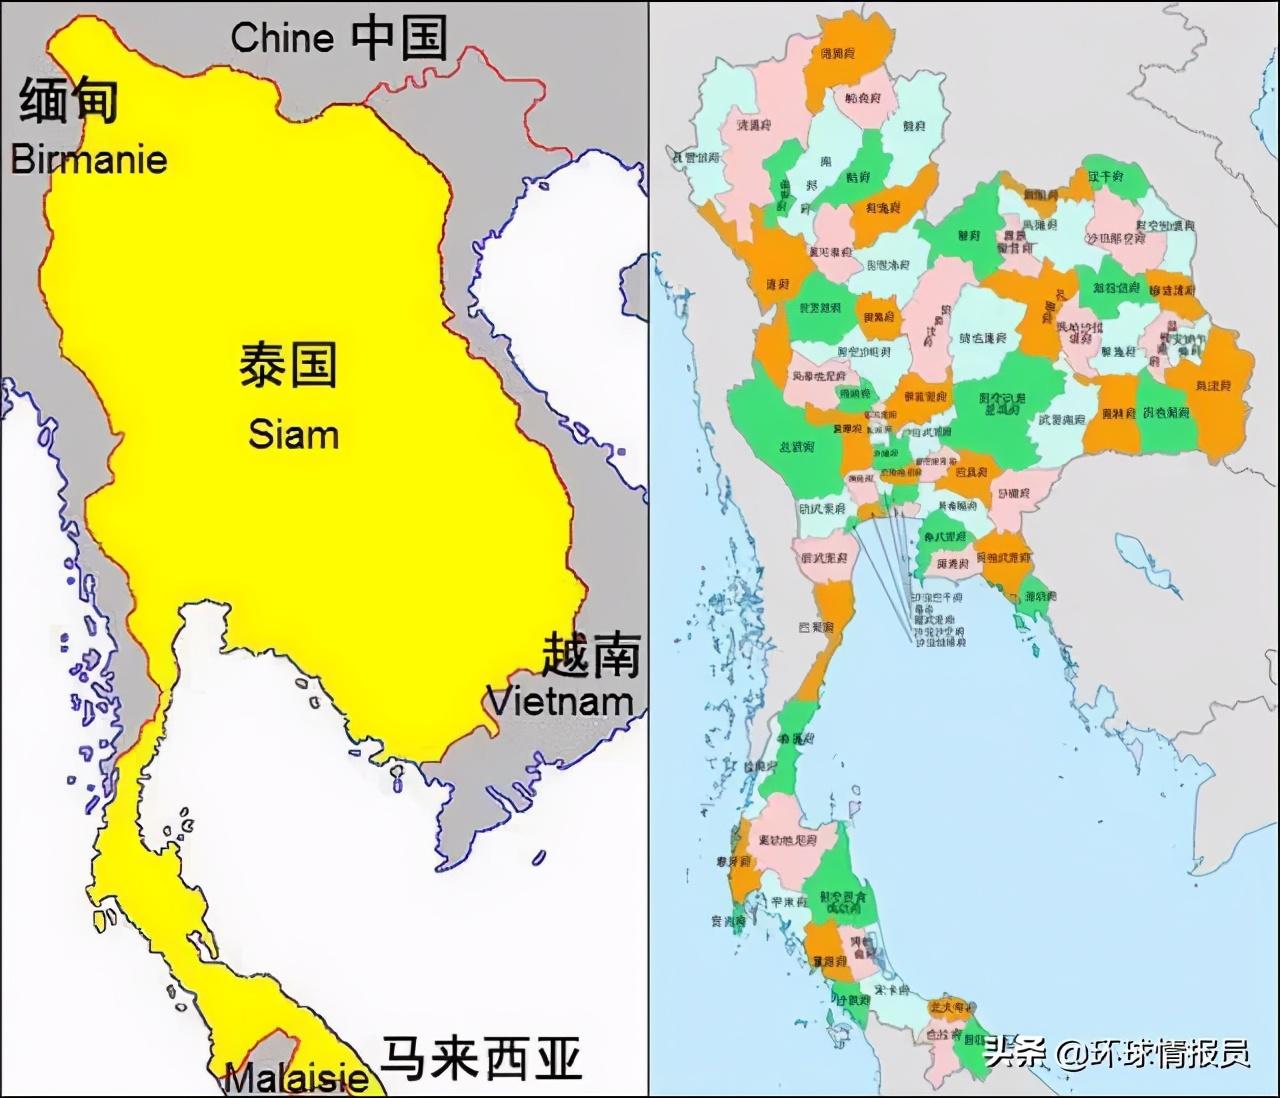 泰国的君主制为什么可以延续至今,没有被废除?